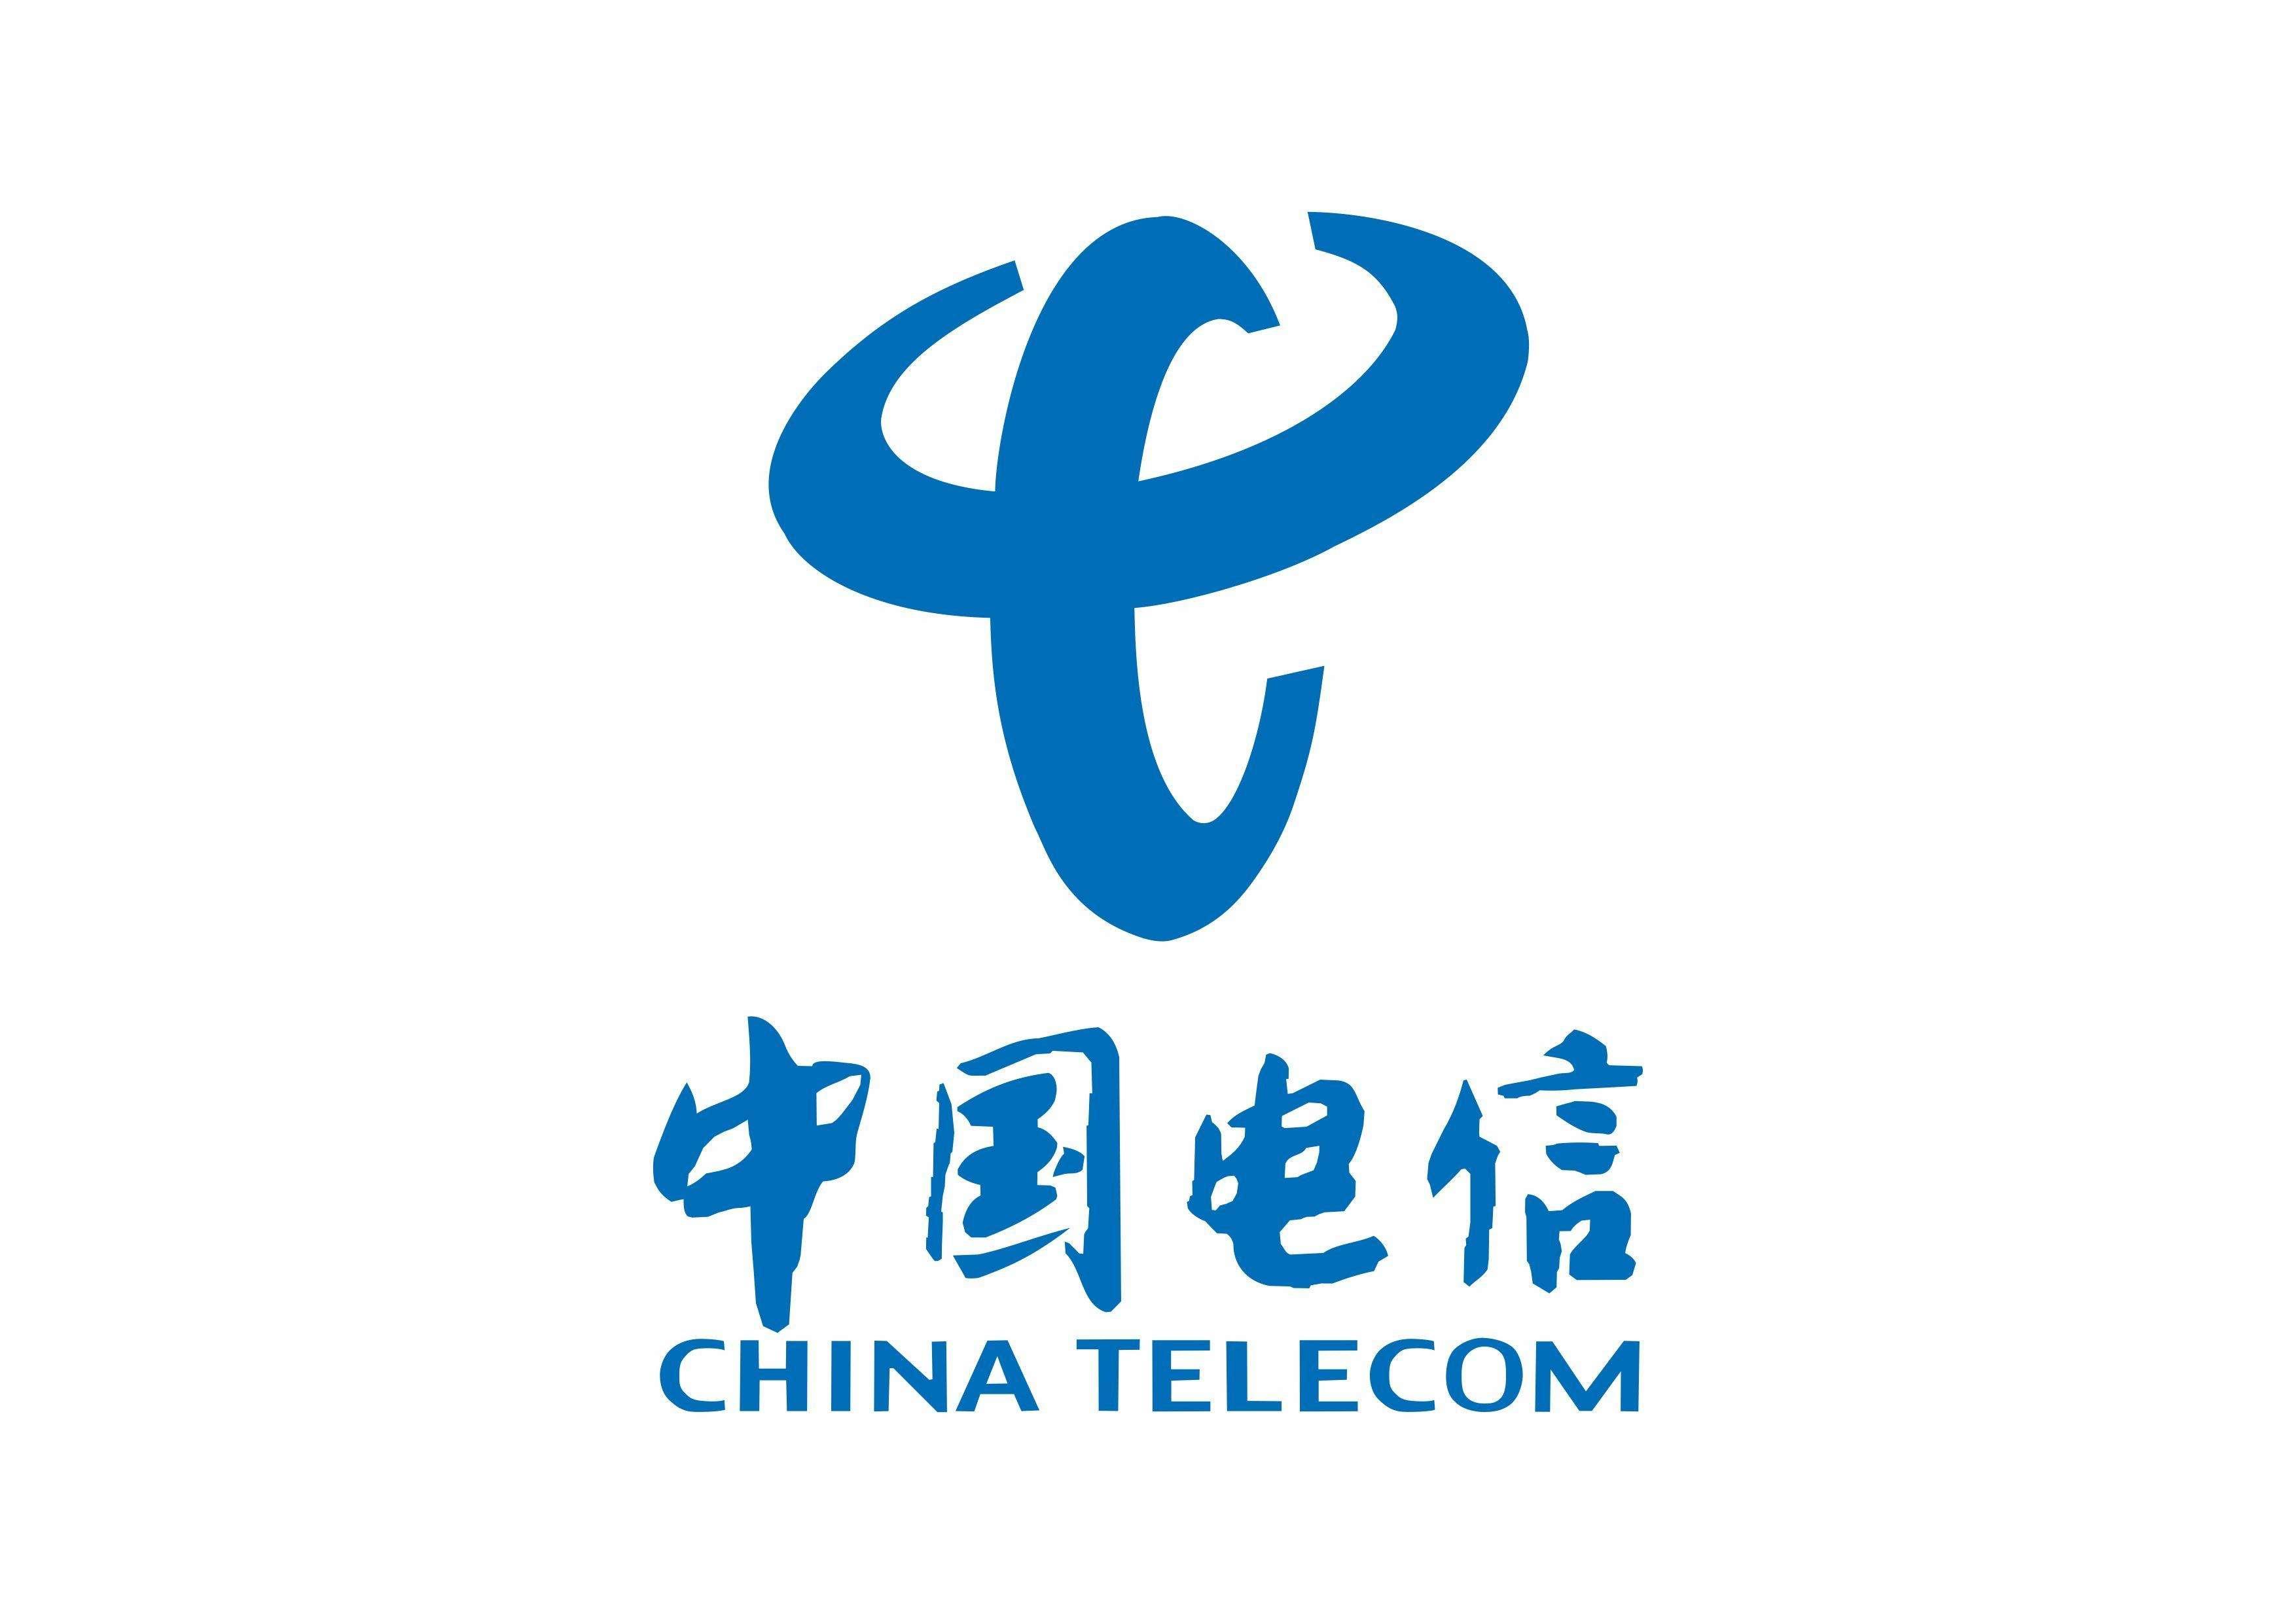 浙江电信SDN NFV的物联网超大规模认证资源池已突破十万规模